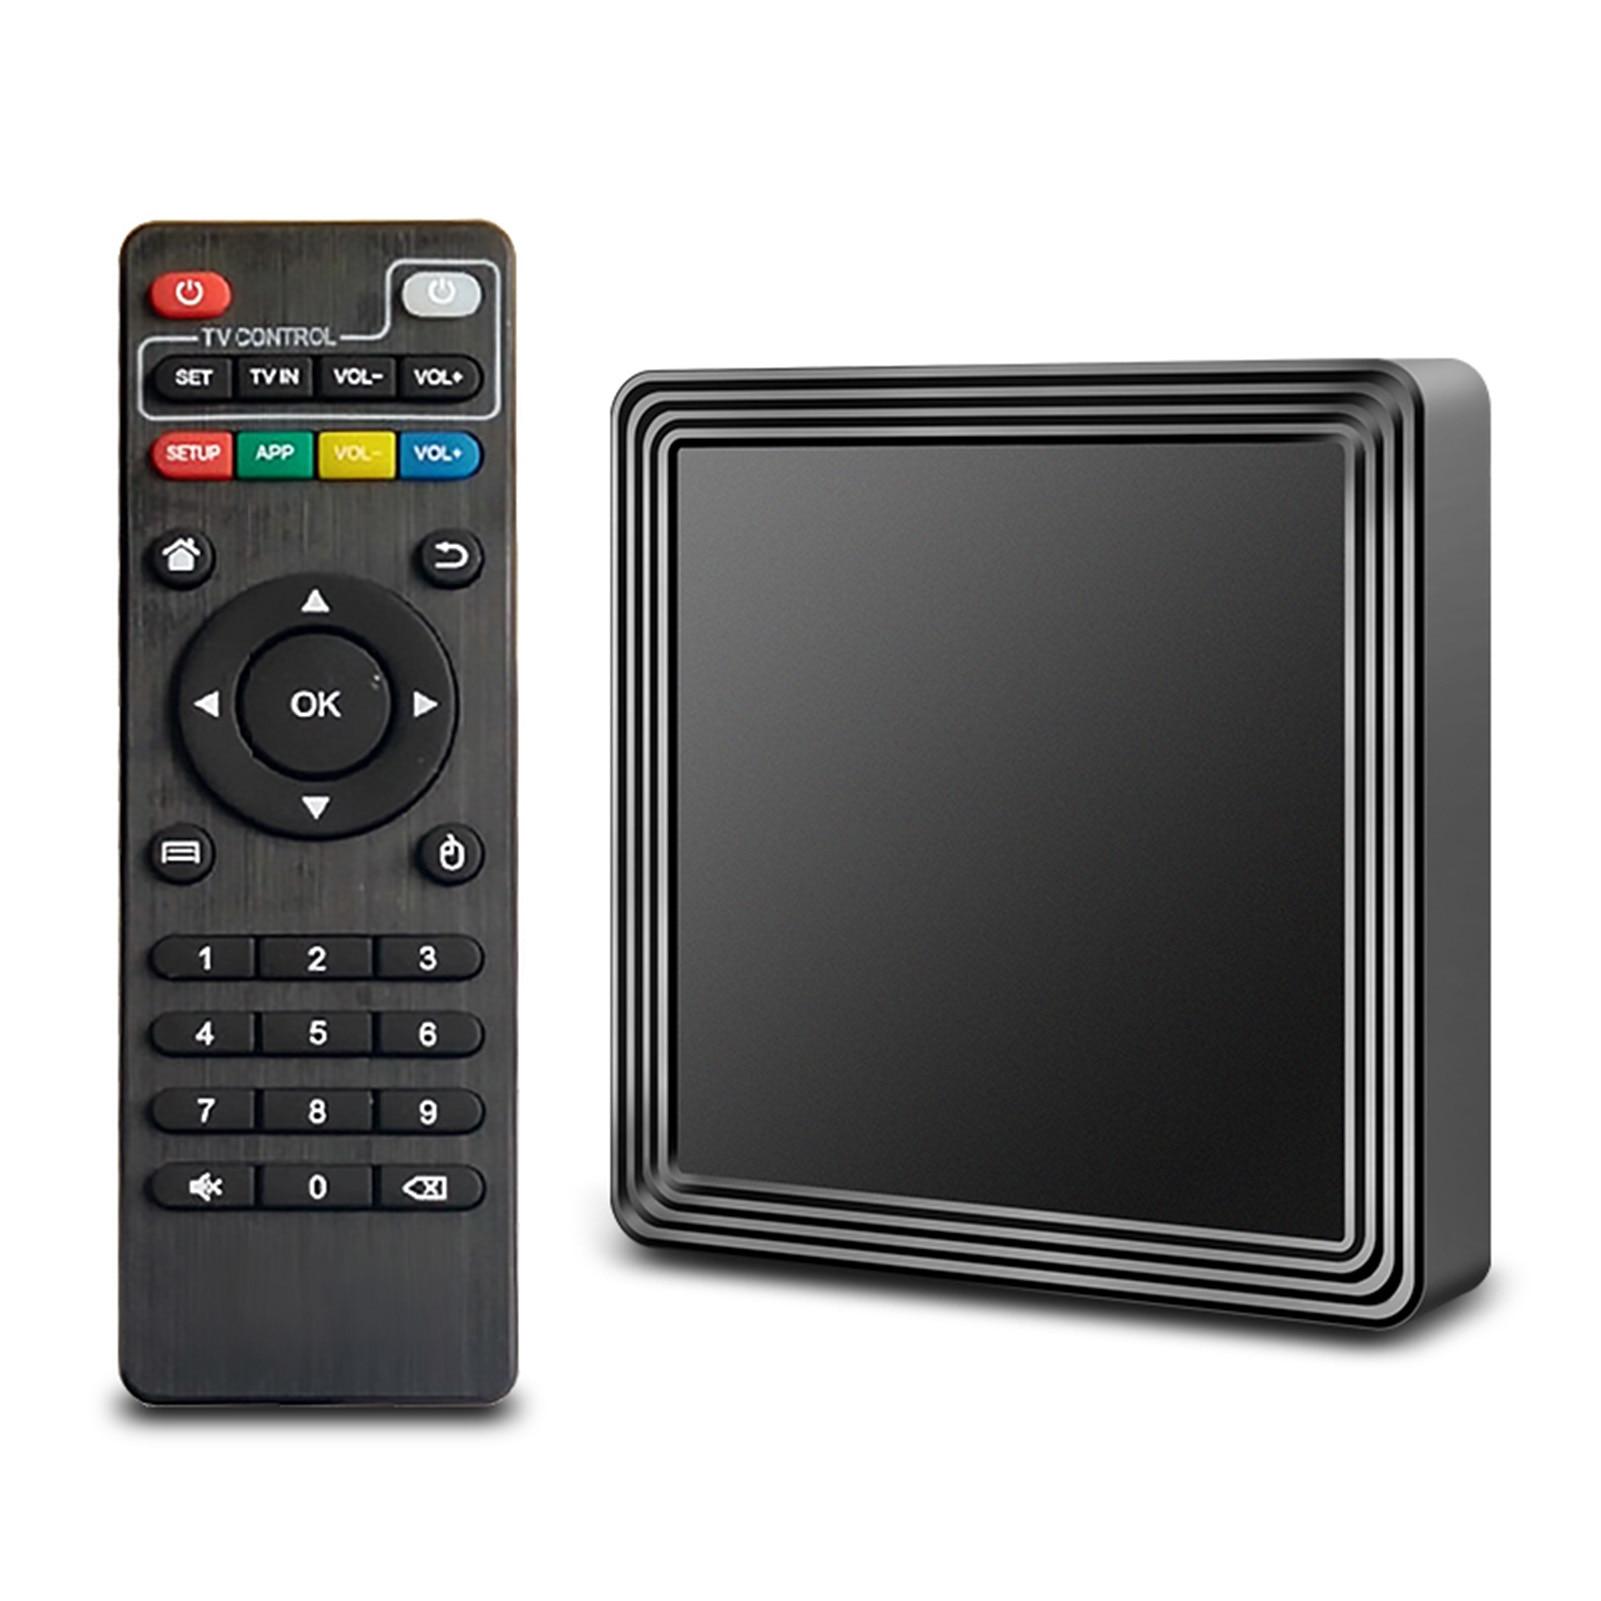 New 4K Ultra HD Android 10.0 TV Box 3D Wifi 2.4G &5G 2GB RAM 16G ROM Smart TV Set ARM Amlogic S905L